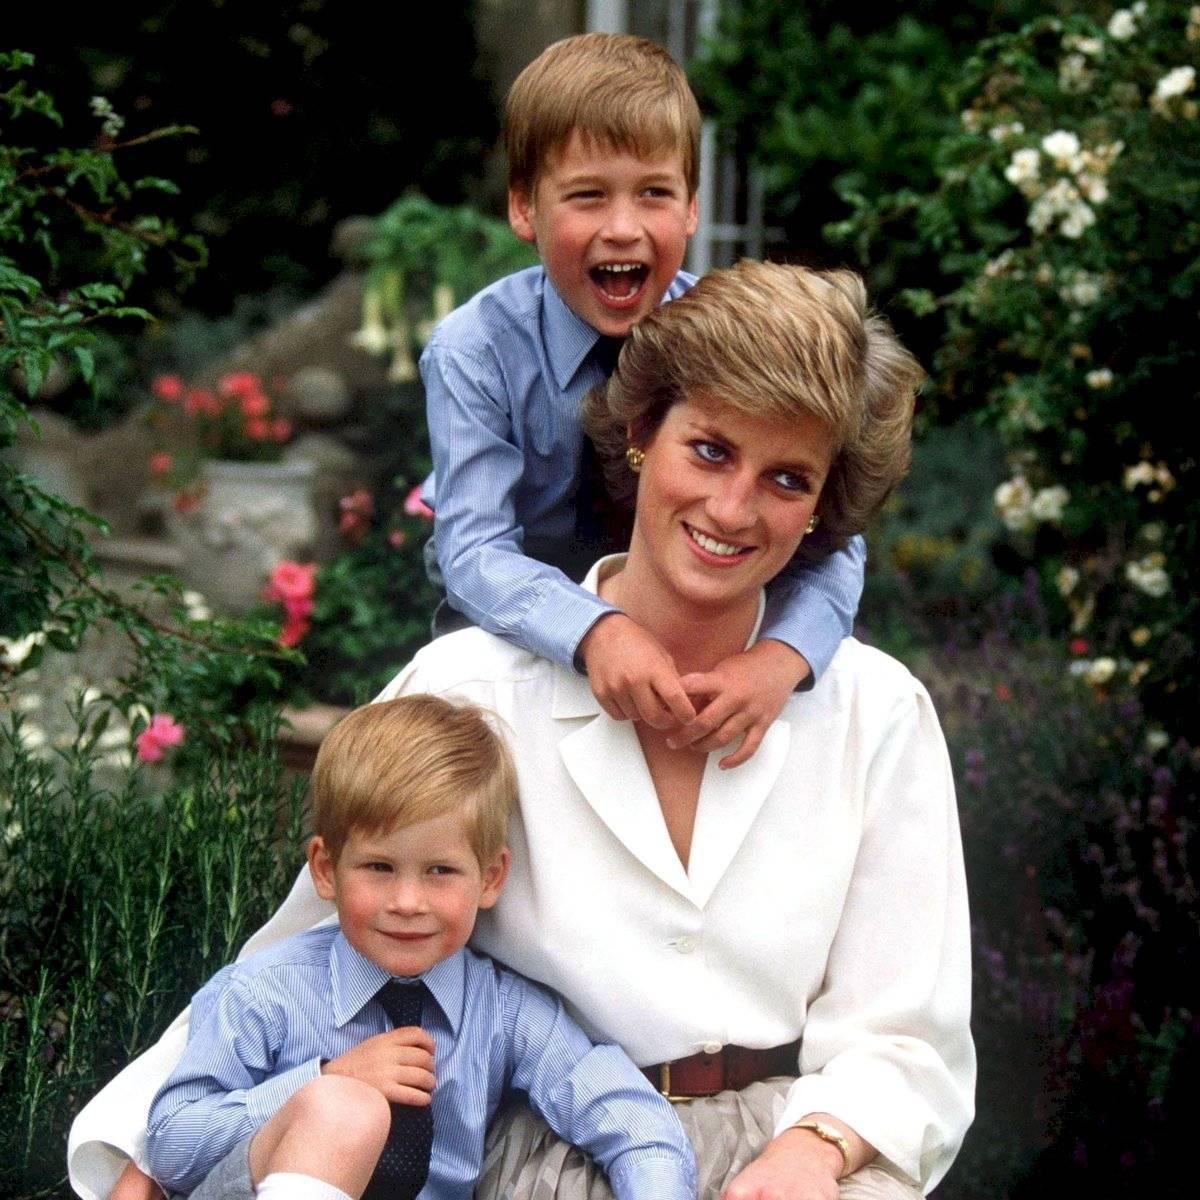 Diana entendía que aunque sus hijos eran príncipes tenían paladares de infantiles, así que los complacía.